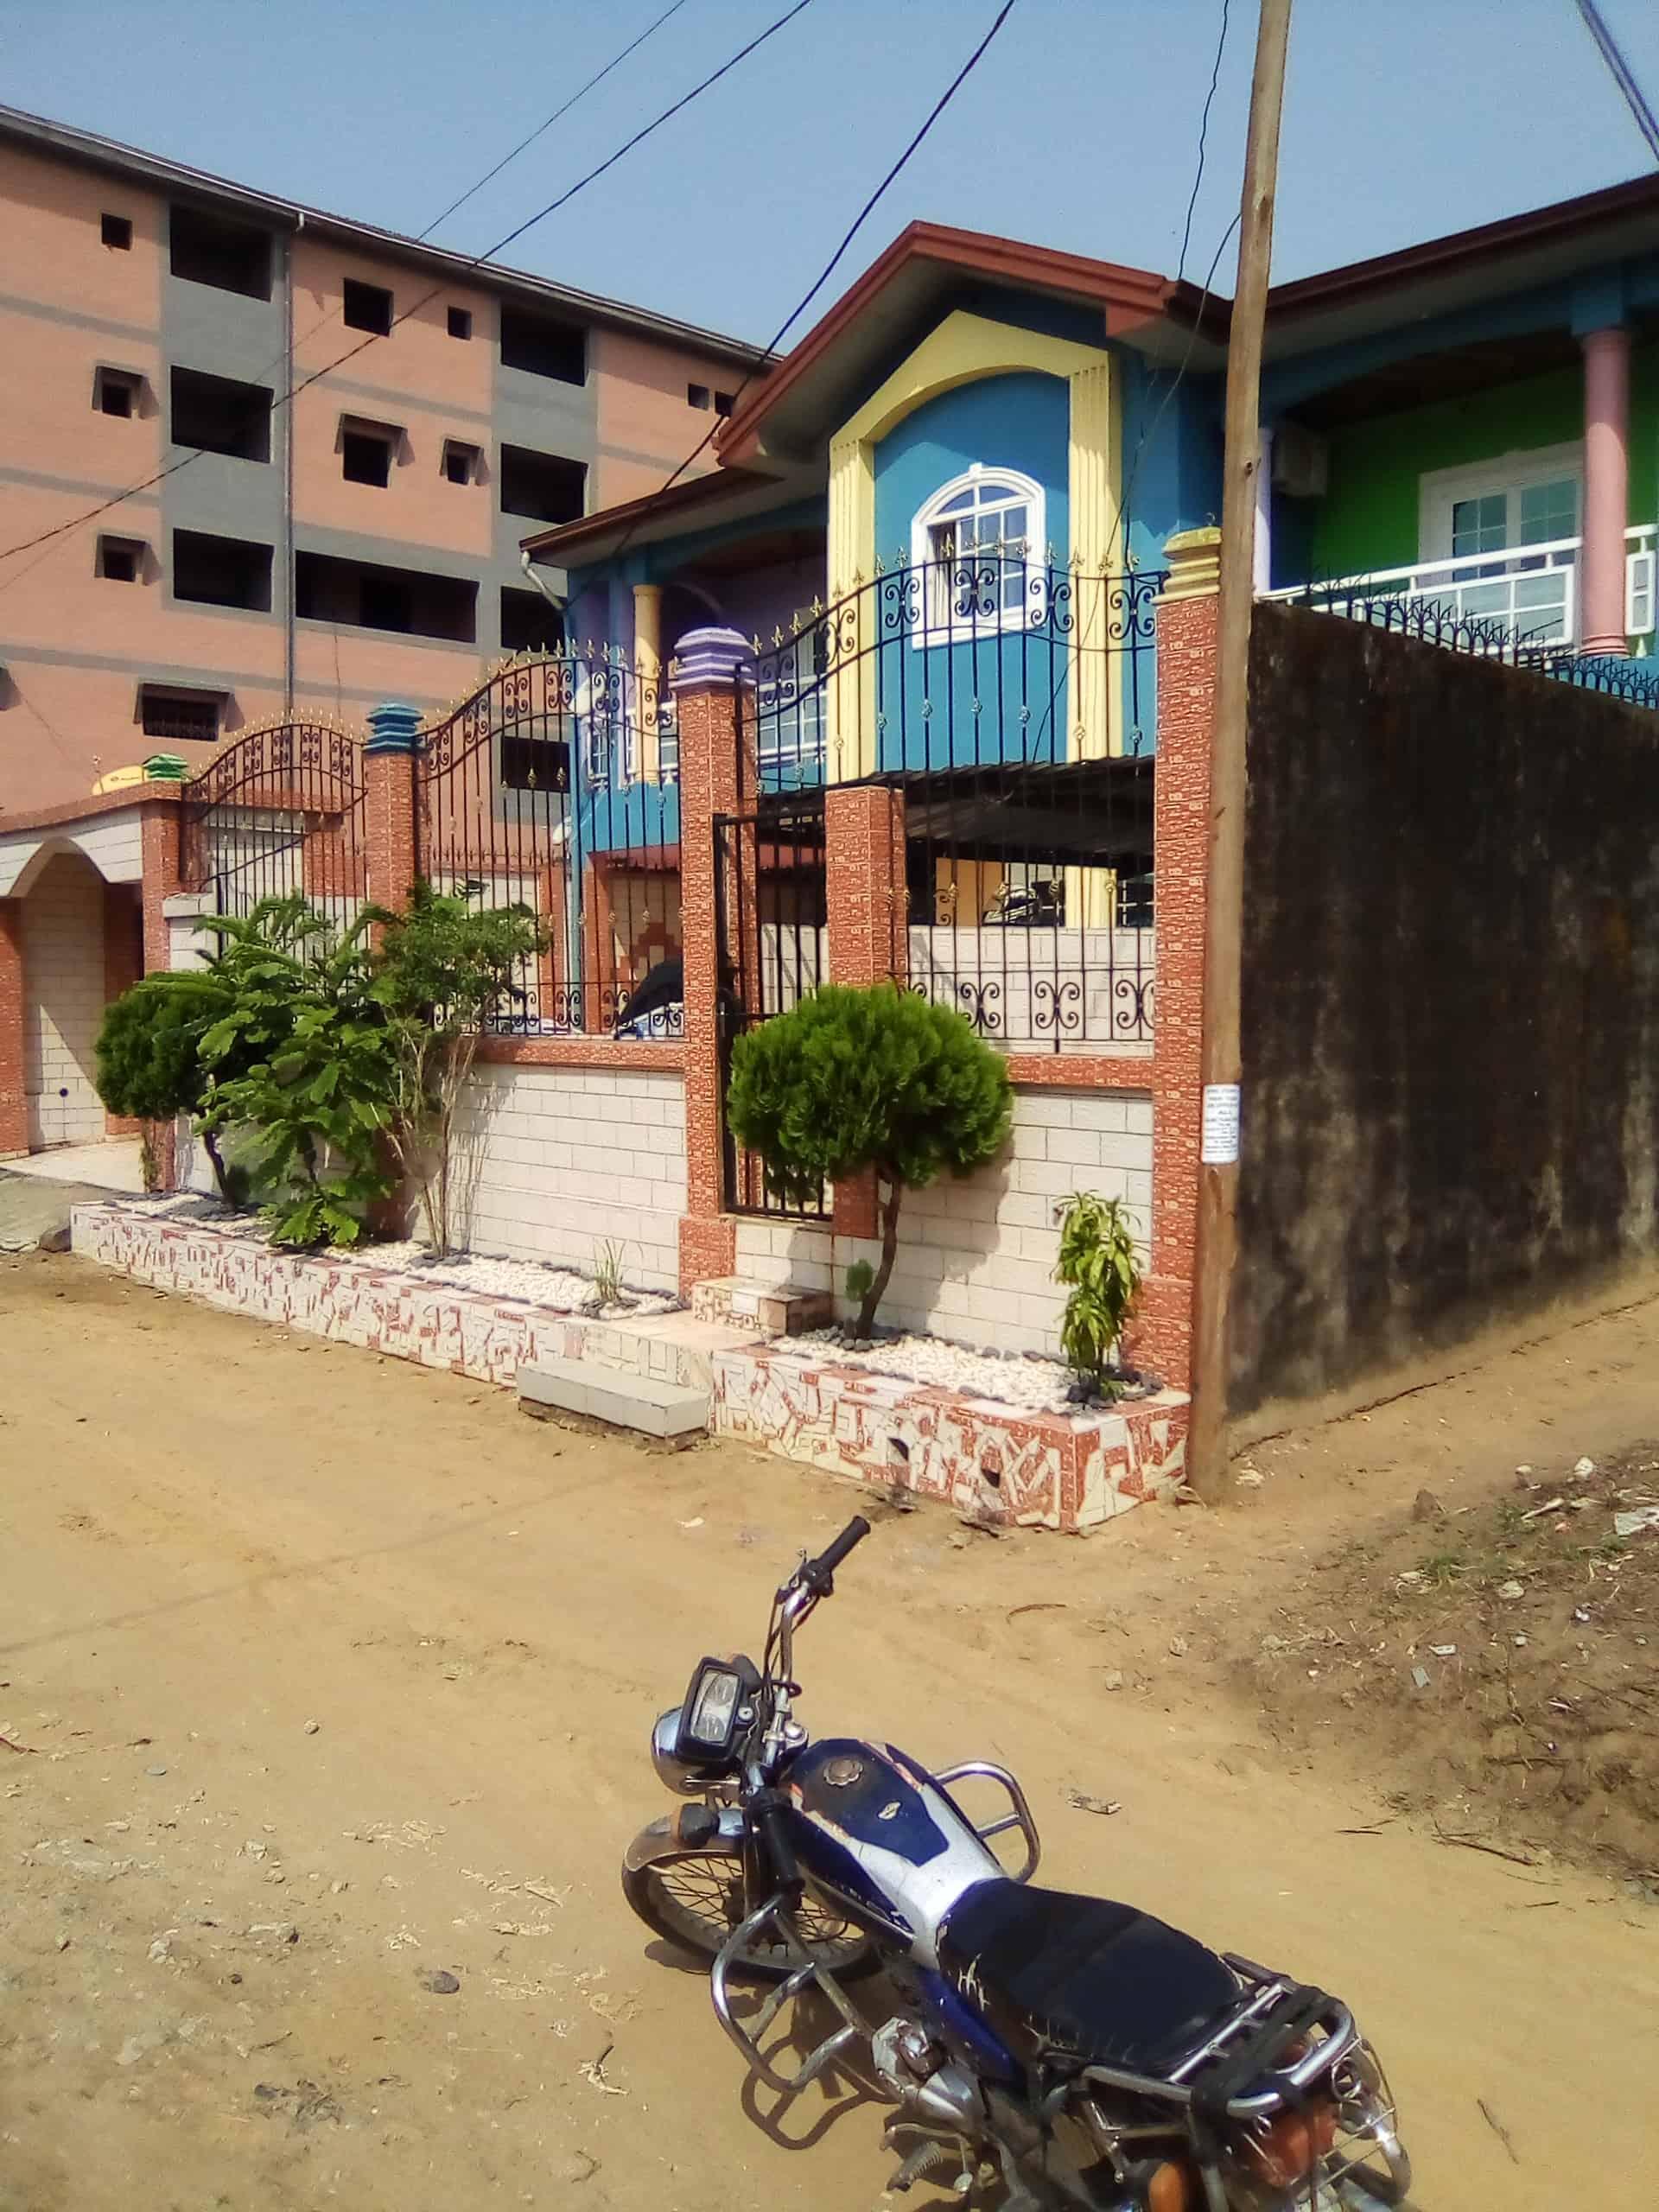 House (Duplex) for sale - Douala, Kotto, En face du commissaire - 2 living room(s), 4 bedroom(s), 5 bathroom(s) - 170 000 000 FCFA / month